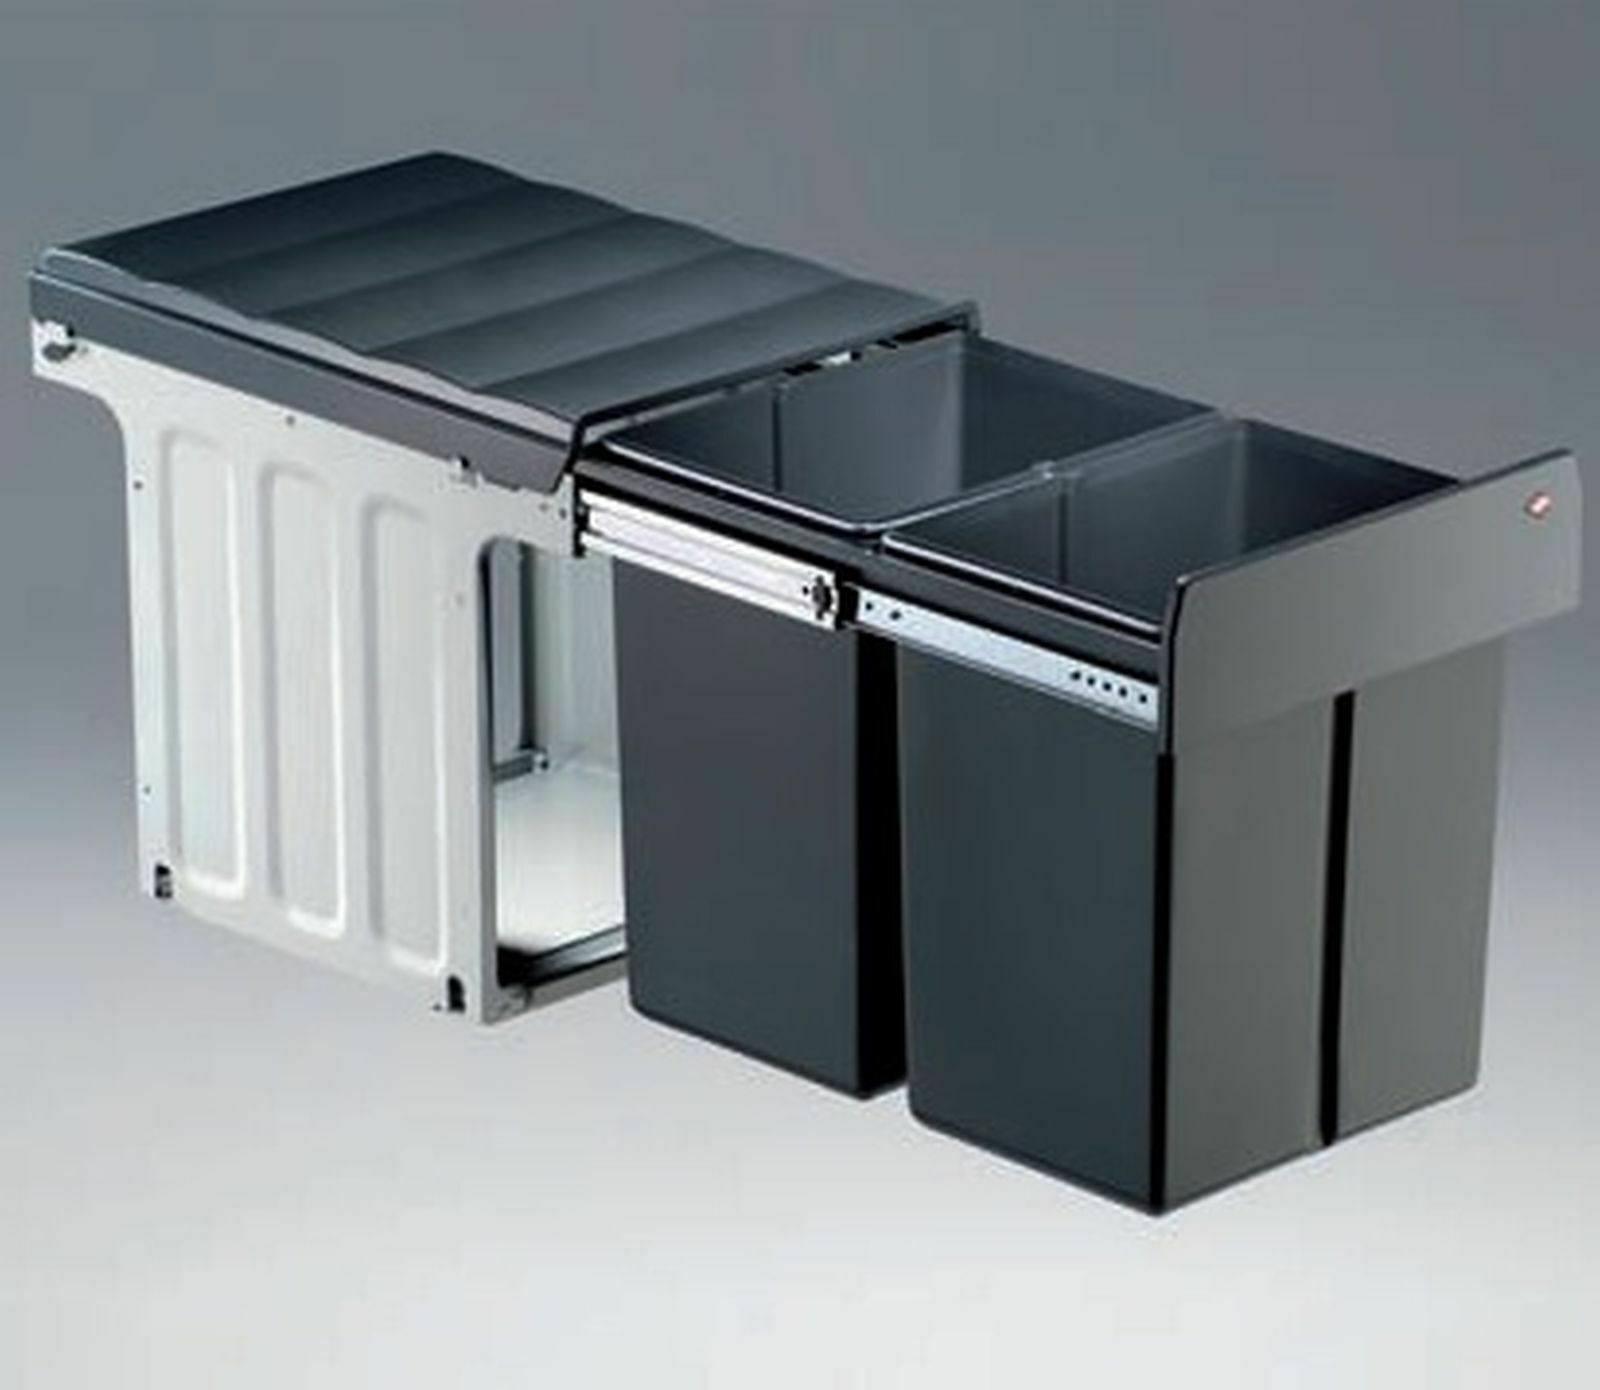 Küchen Mülleimer Wesco Mülltrennung 2x16 Liter Schrank Einbau ab 40 cm  *40310